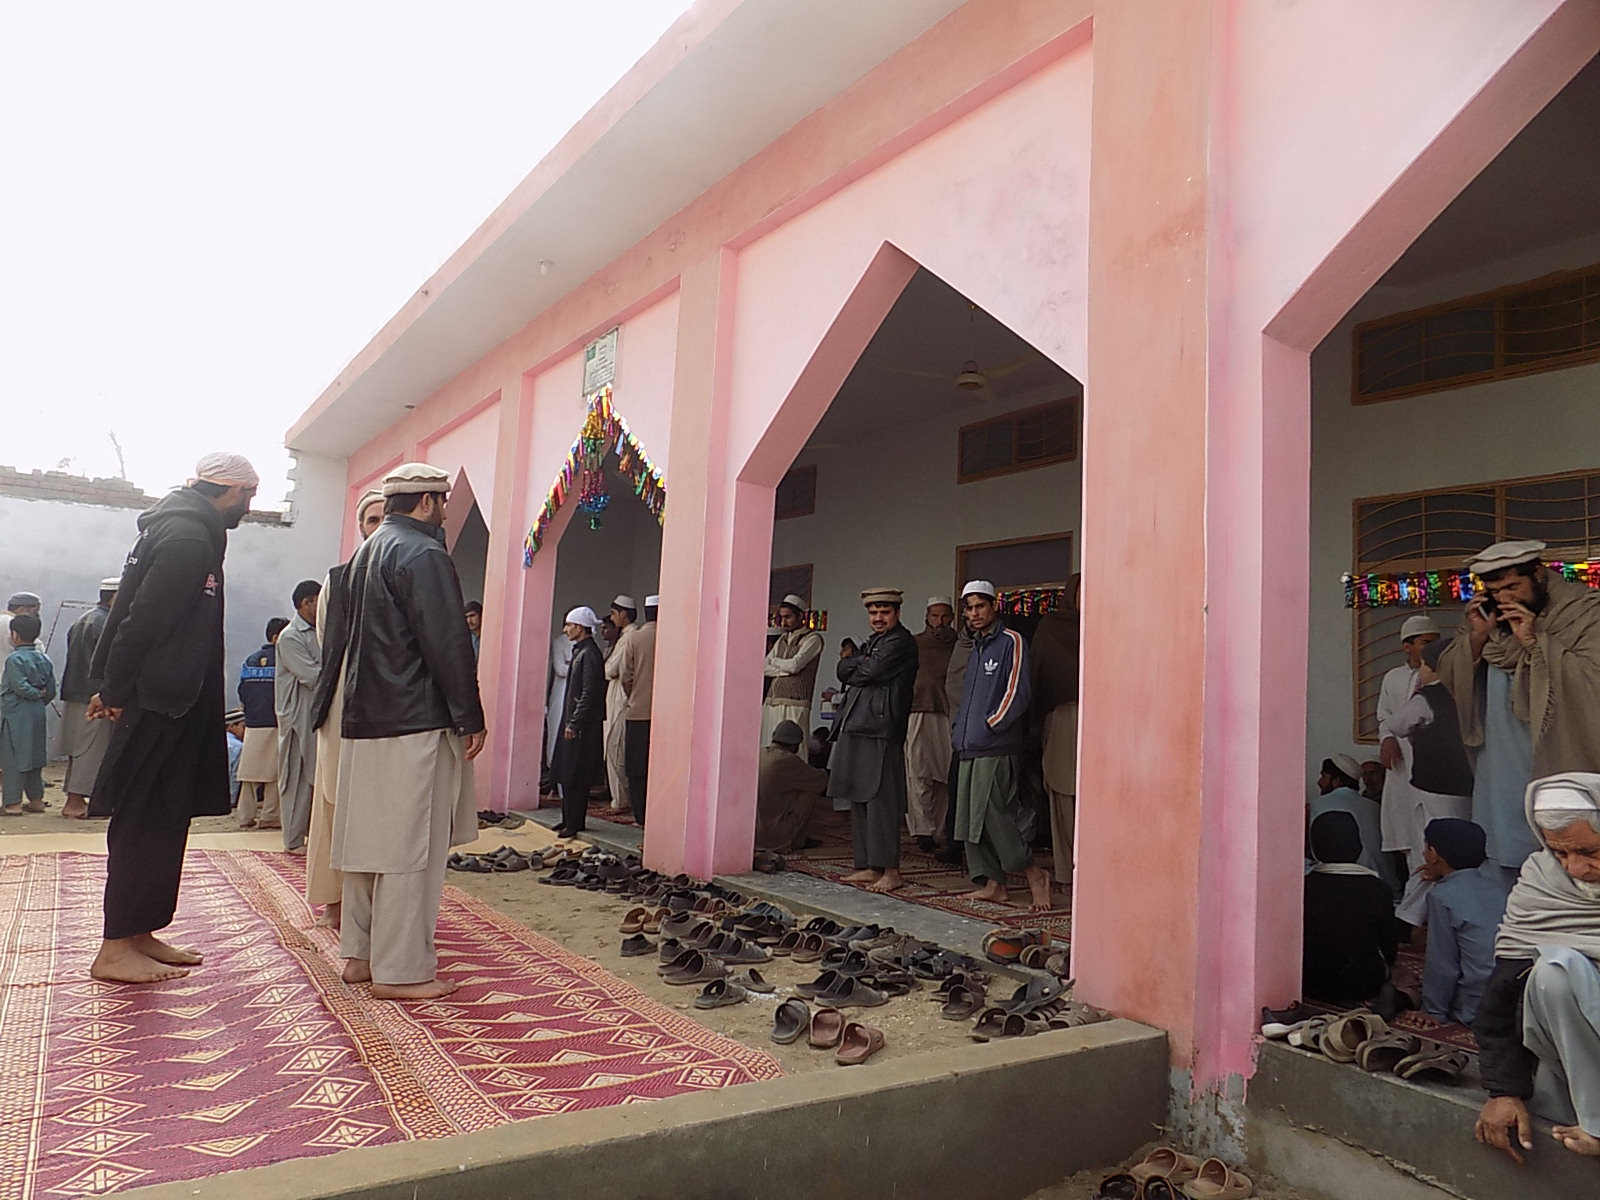 صورة مسجد المغفور له بإذن الله محمد بن إبراهيم بن خميس النفيعي (ق/م 174)